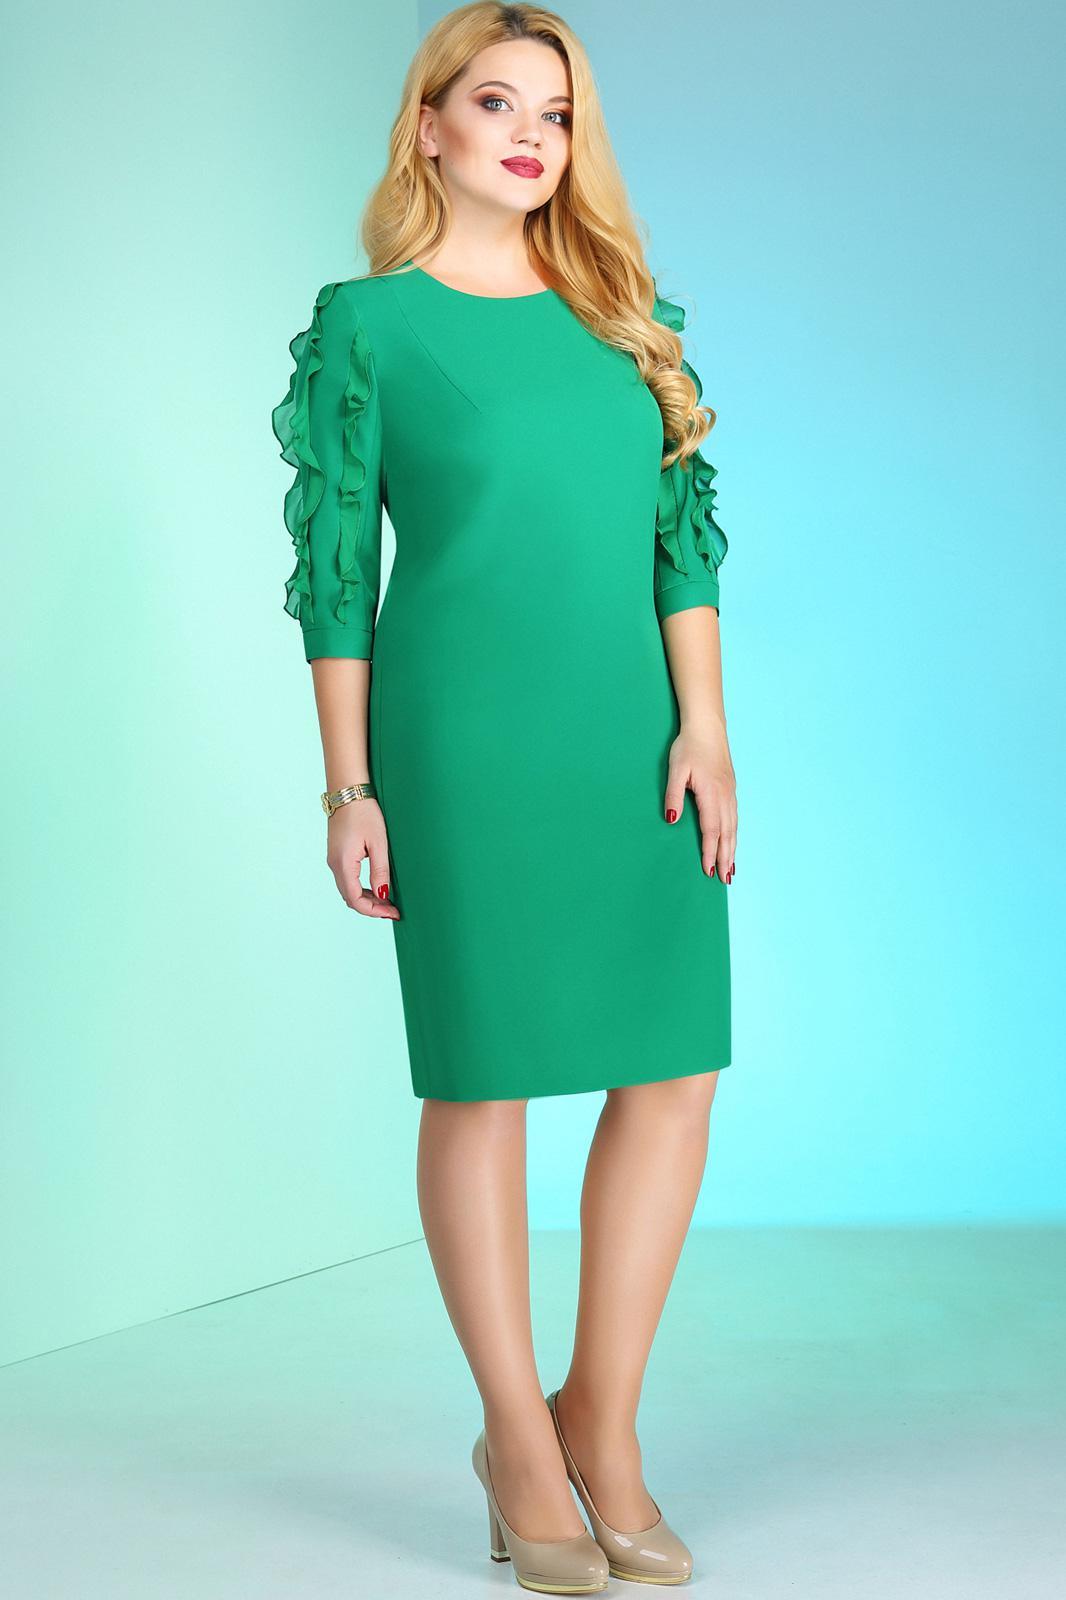 Belzvezda Интернет Магазин Белорусской Женской Одежды